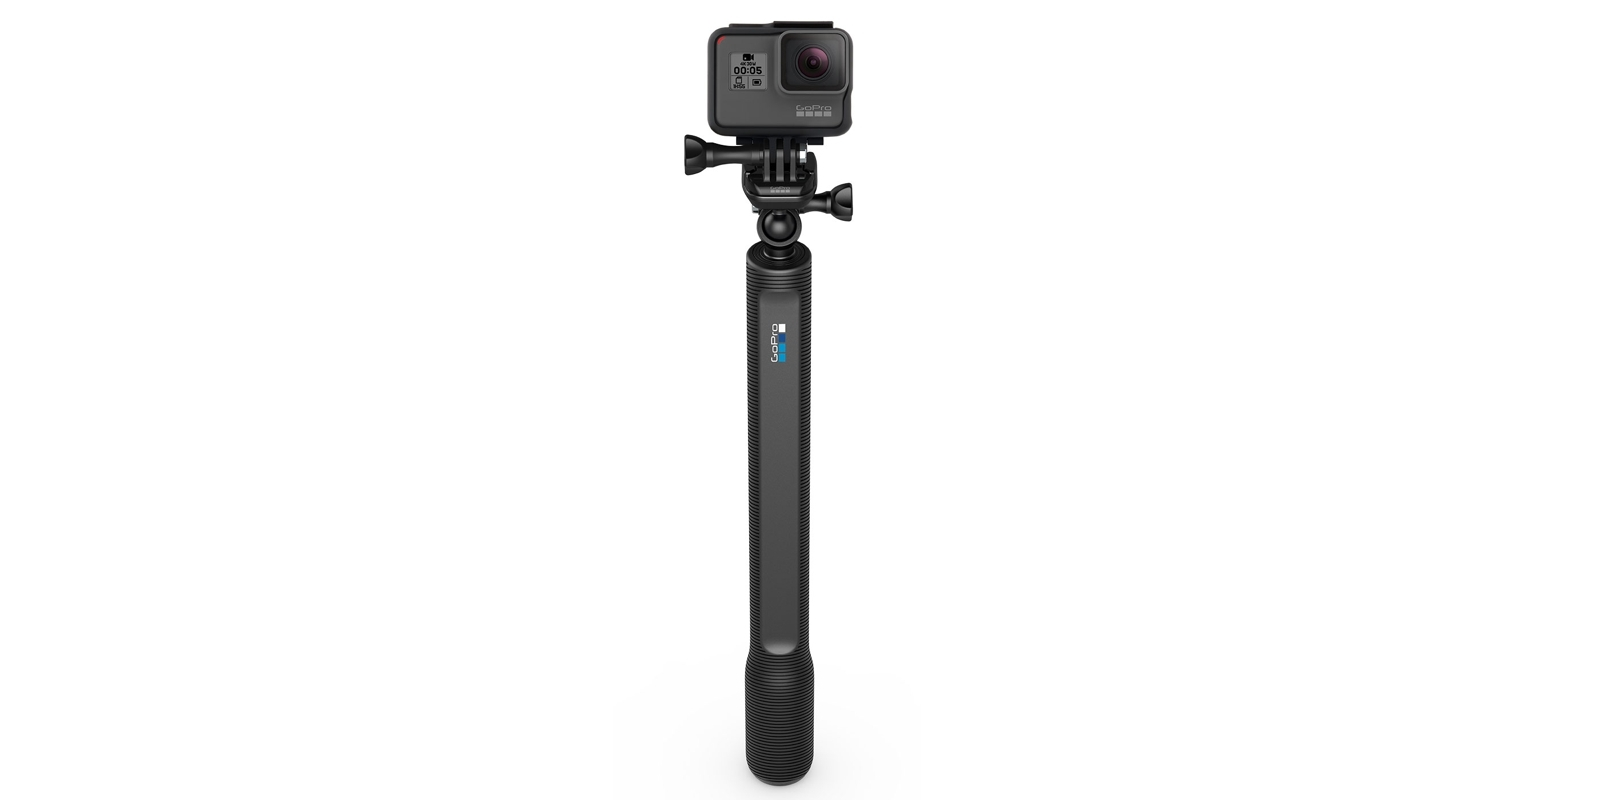 Монопод телескопический GoPro El Grande 97 см (AGXTS-001)